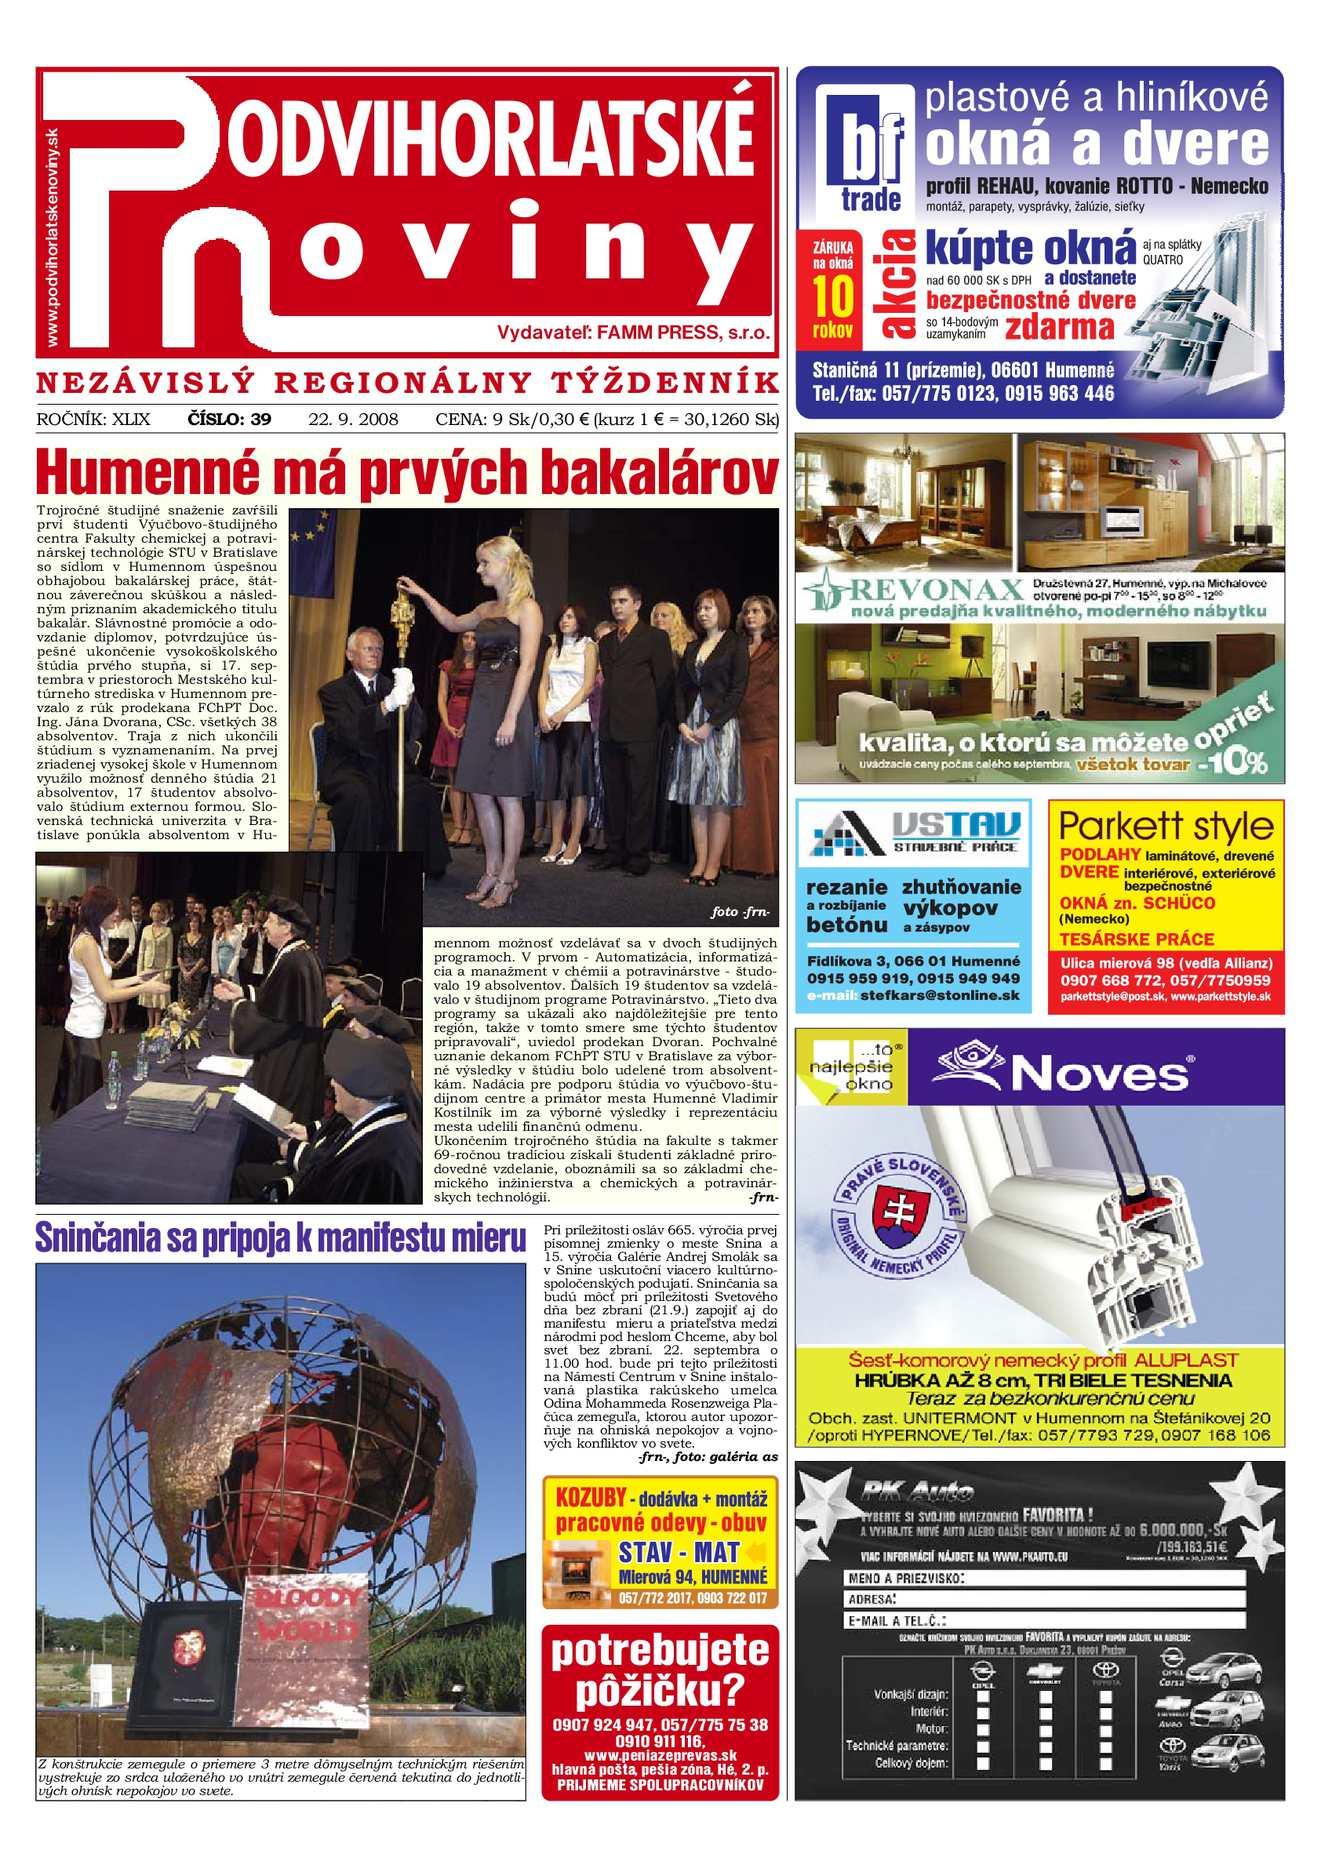 94d6bc4773 Calaméo - Podvihorlatské noviny 39 2008